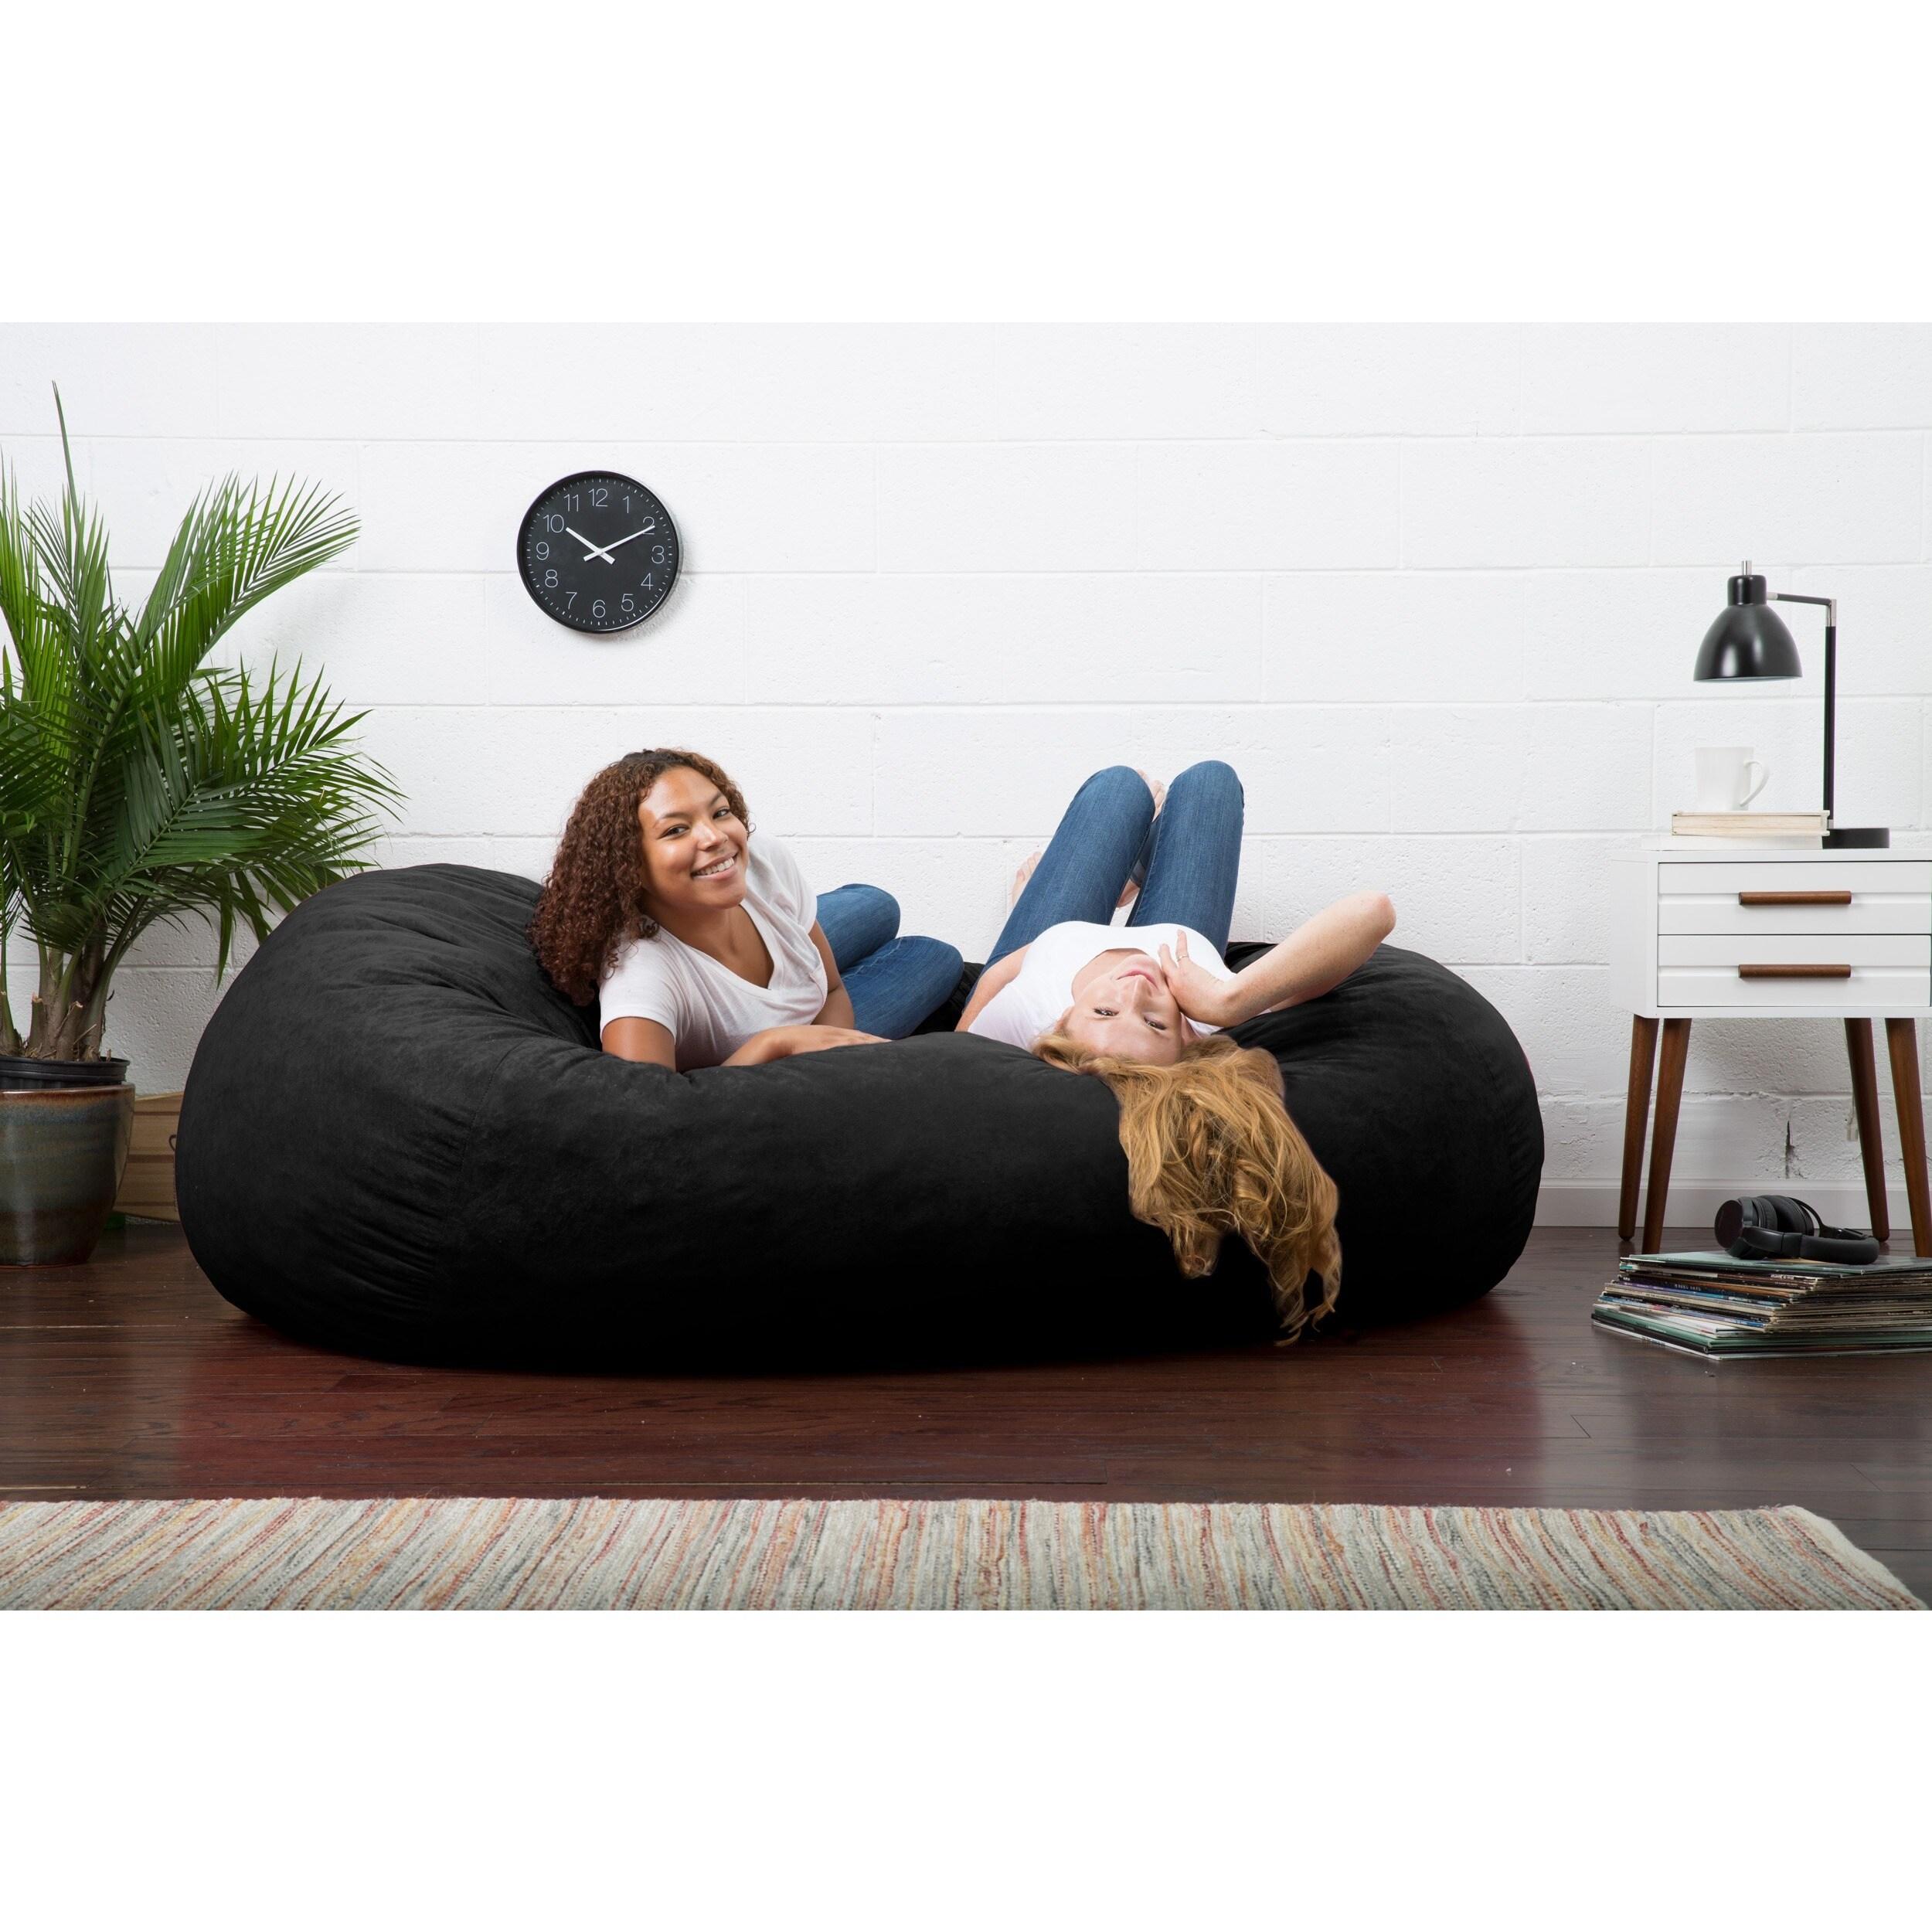 Xlarge Bean Bag Chair Memory Foam Beanbag Lounger 2 Person Lounge Dorm Sofa